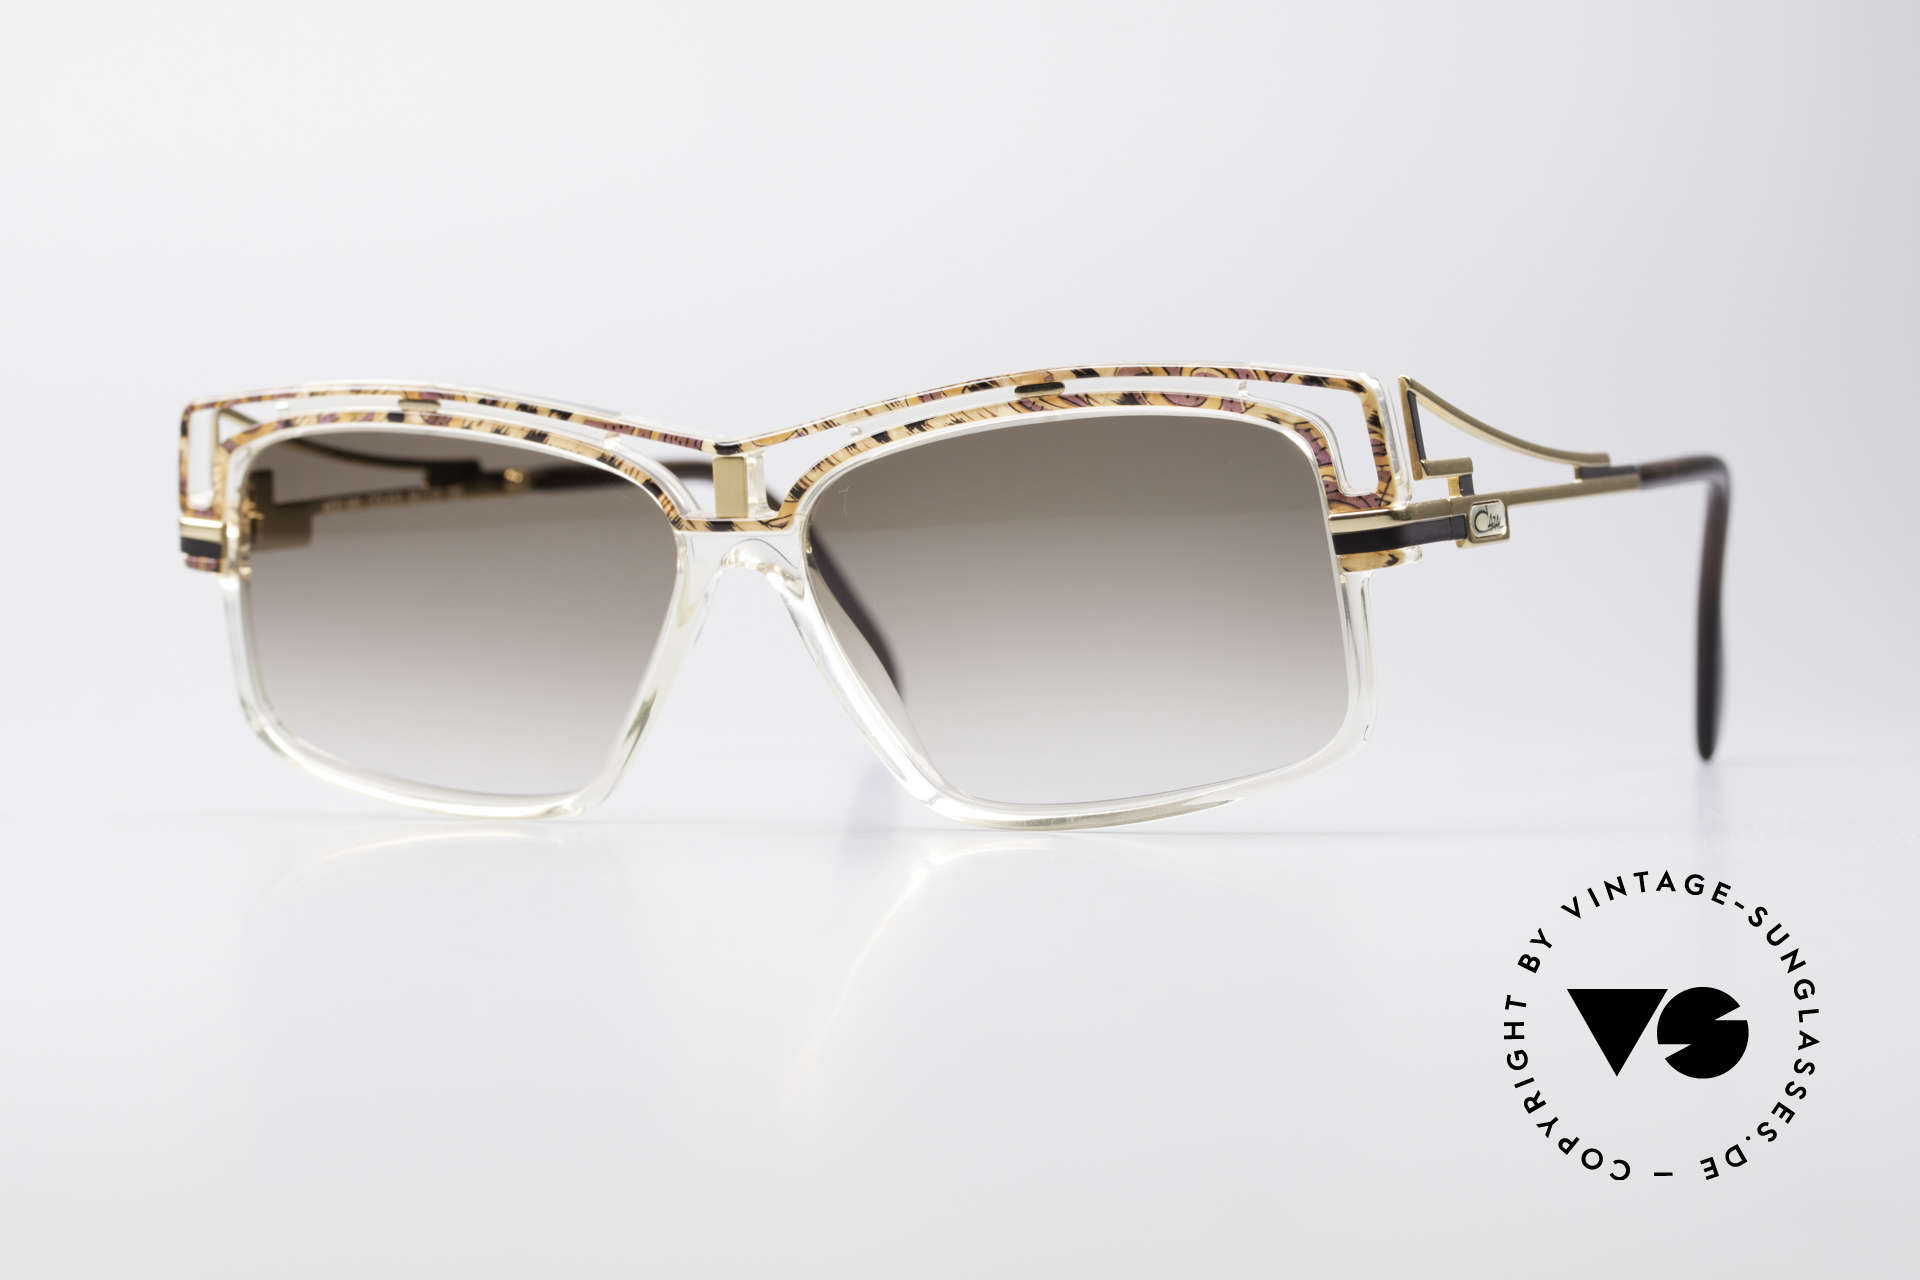 Cazal 365 Vintage No Retro Sonnenbrille, markante Cazal vintage Sonnenbrille aus den 90ern, Passend für Herren und Damen